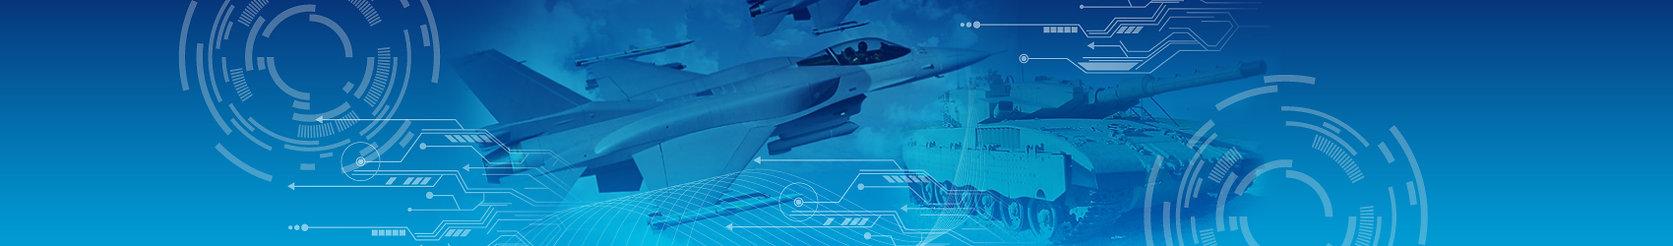 תעשייה צבאית